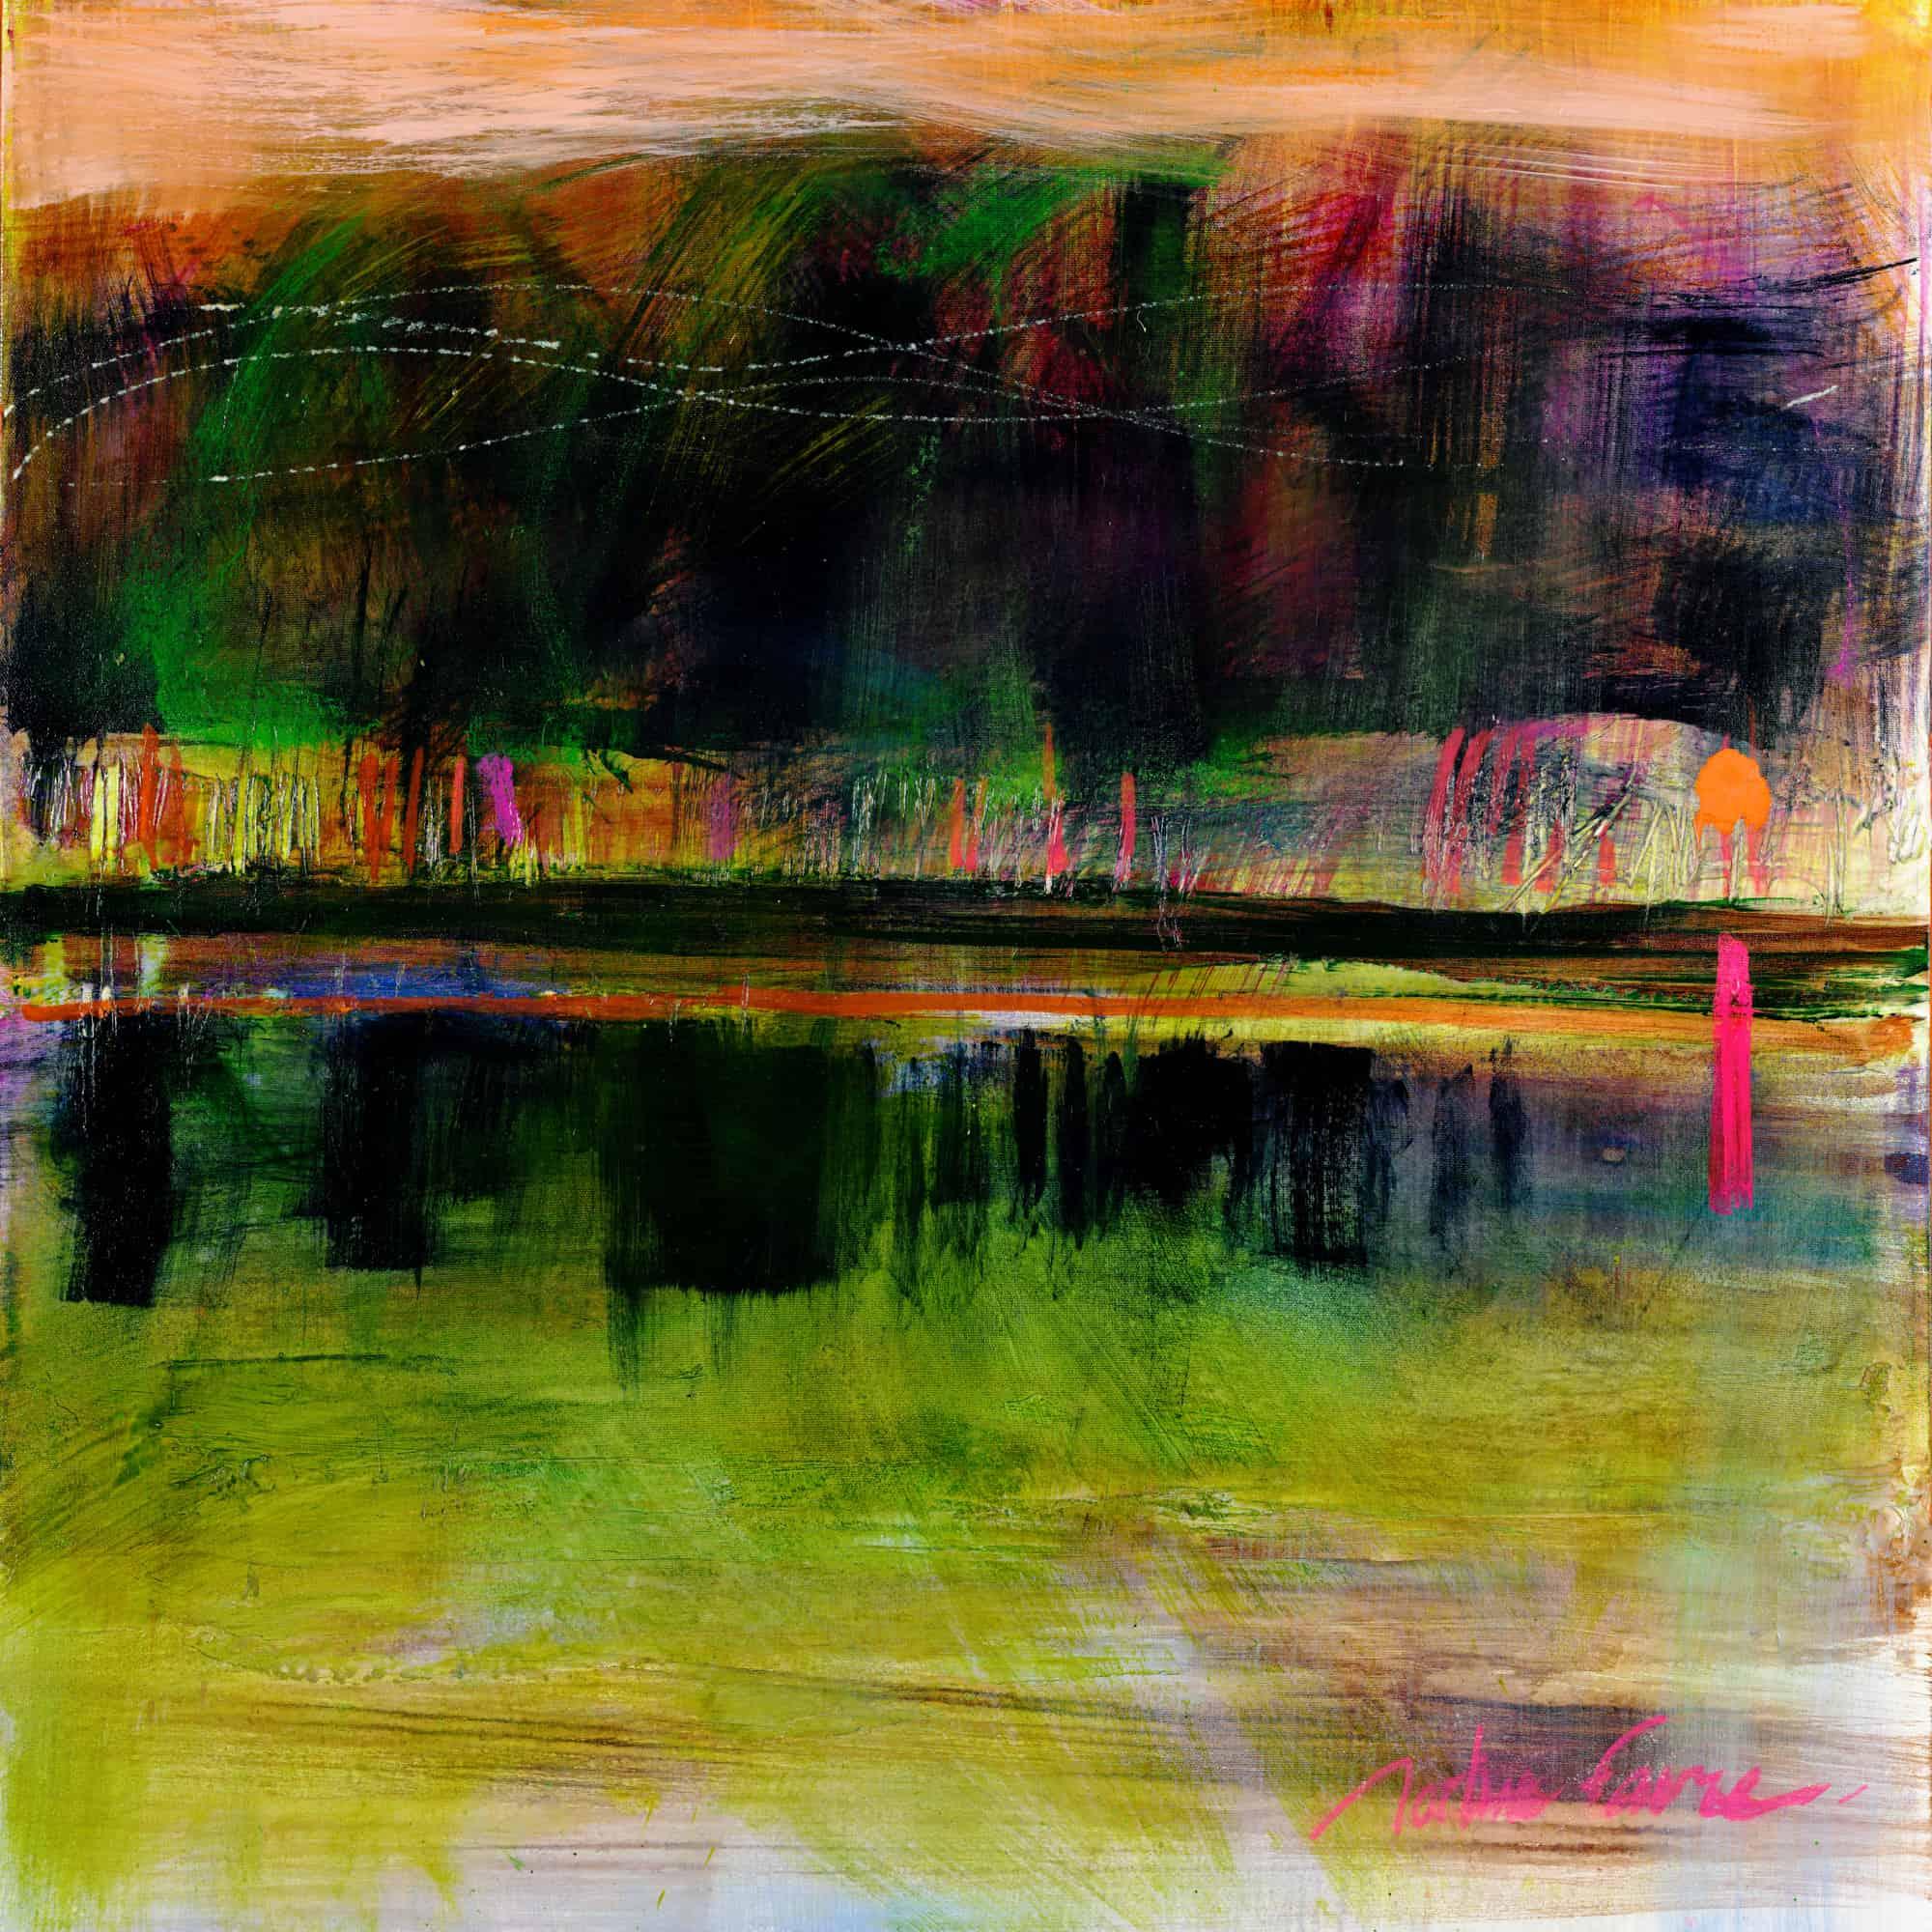 paysage, bord de l'eau, boucherville, artiste, montreal, favre, affiche, galerie, coloré